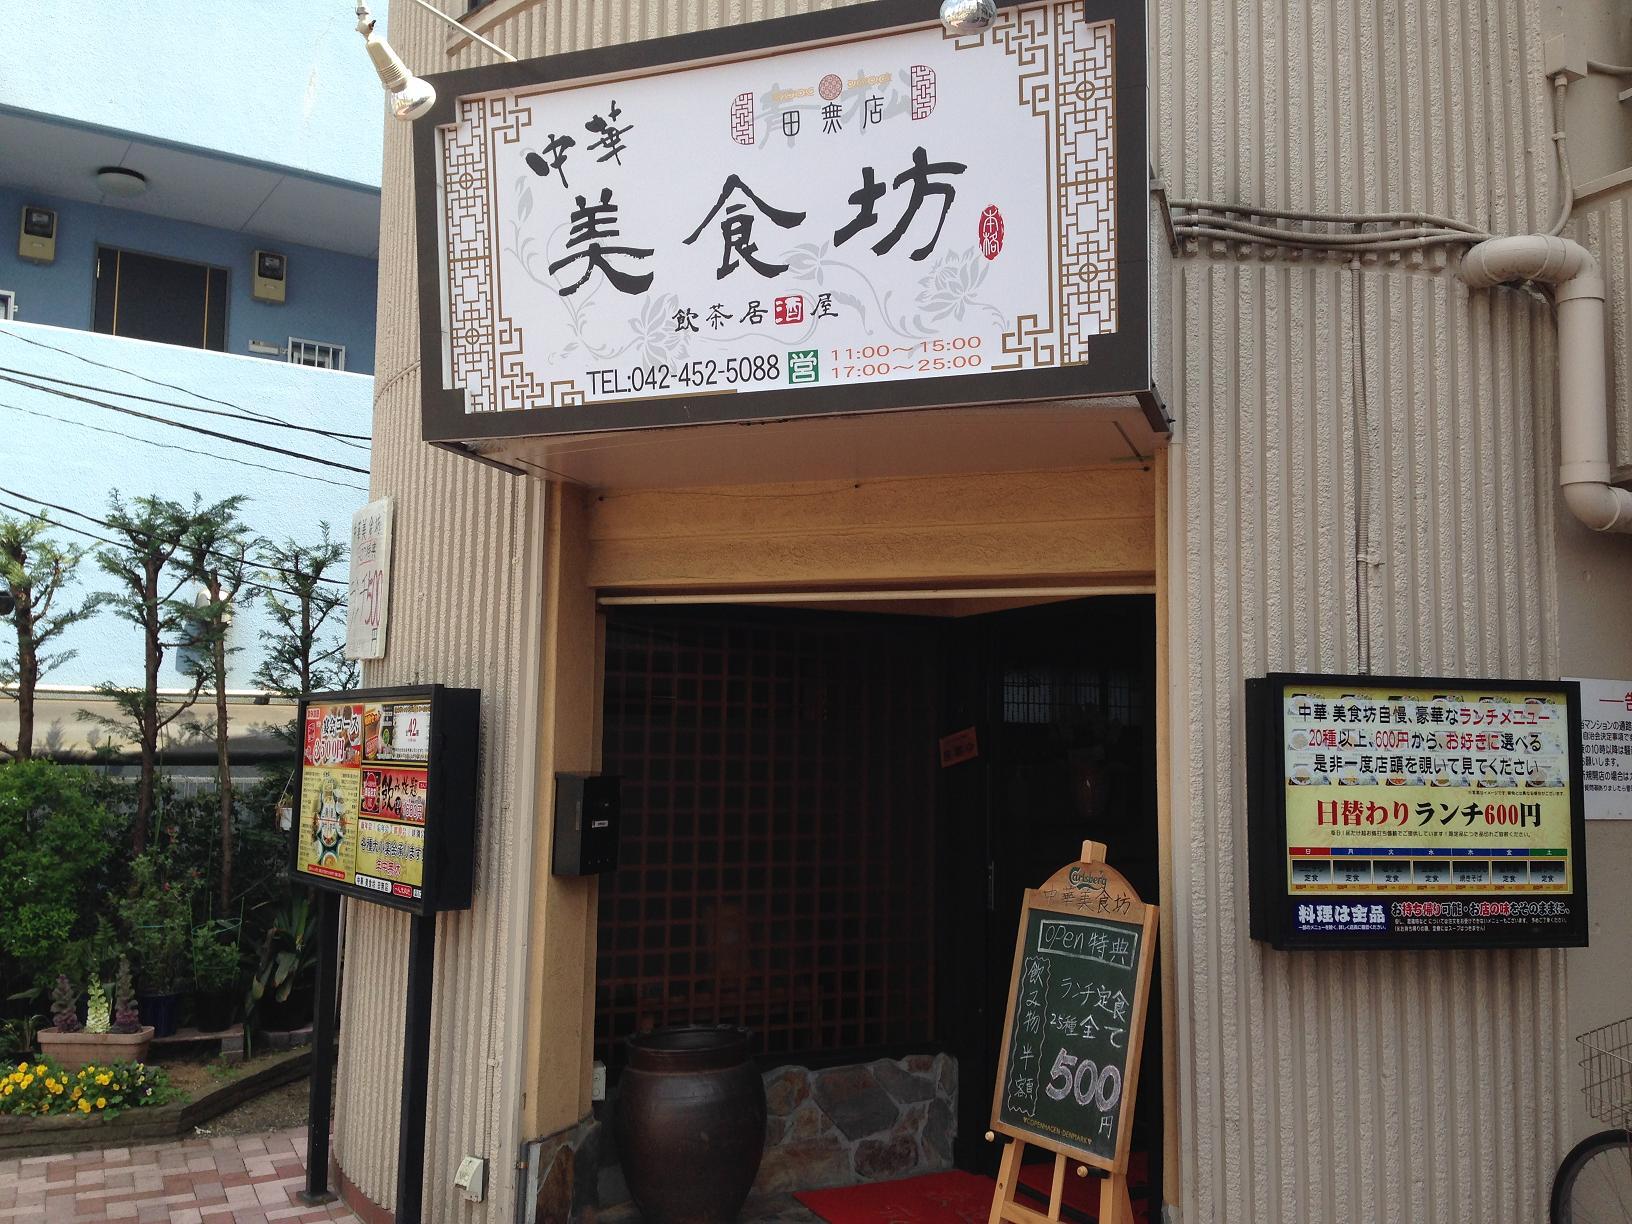 美食坊 田無店